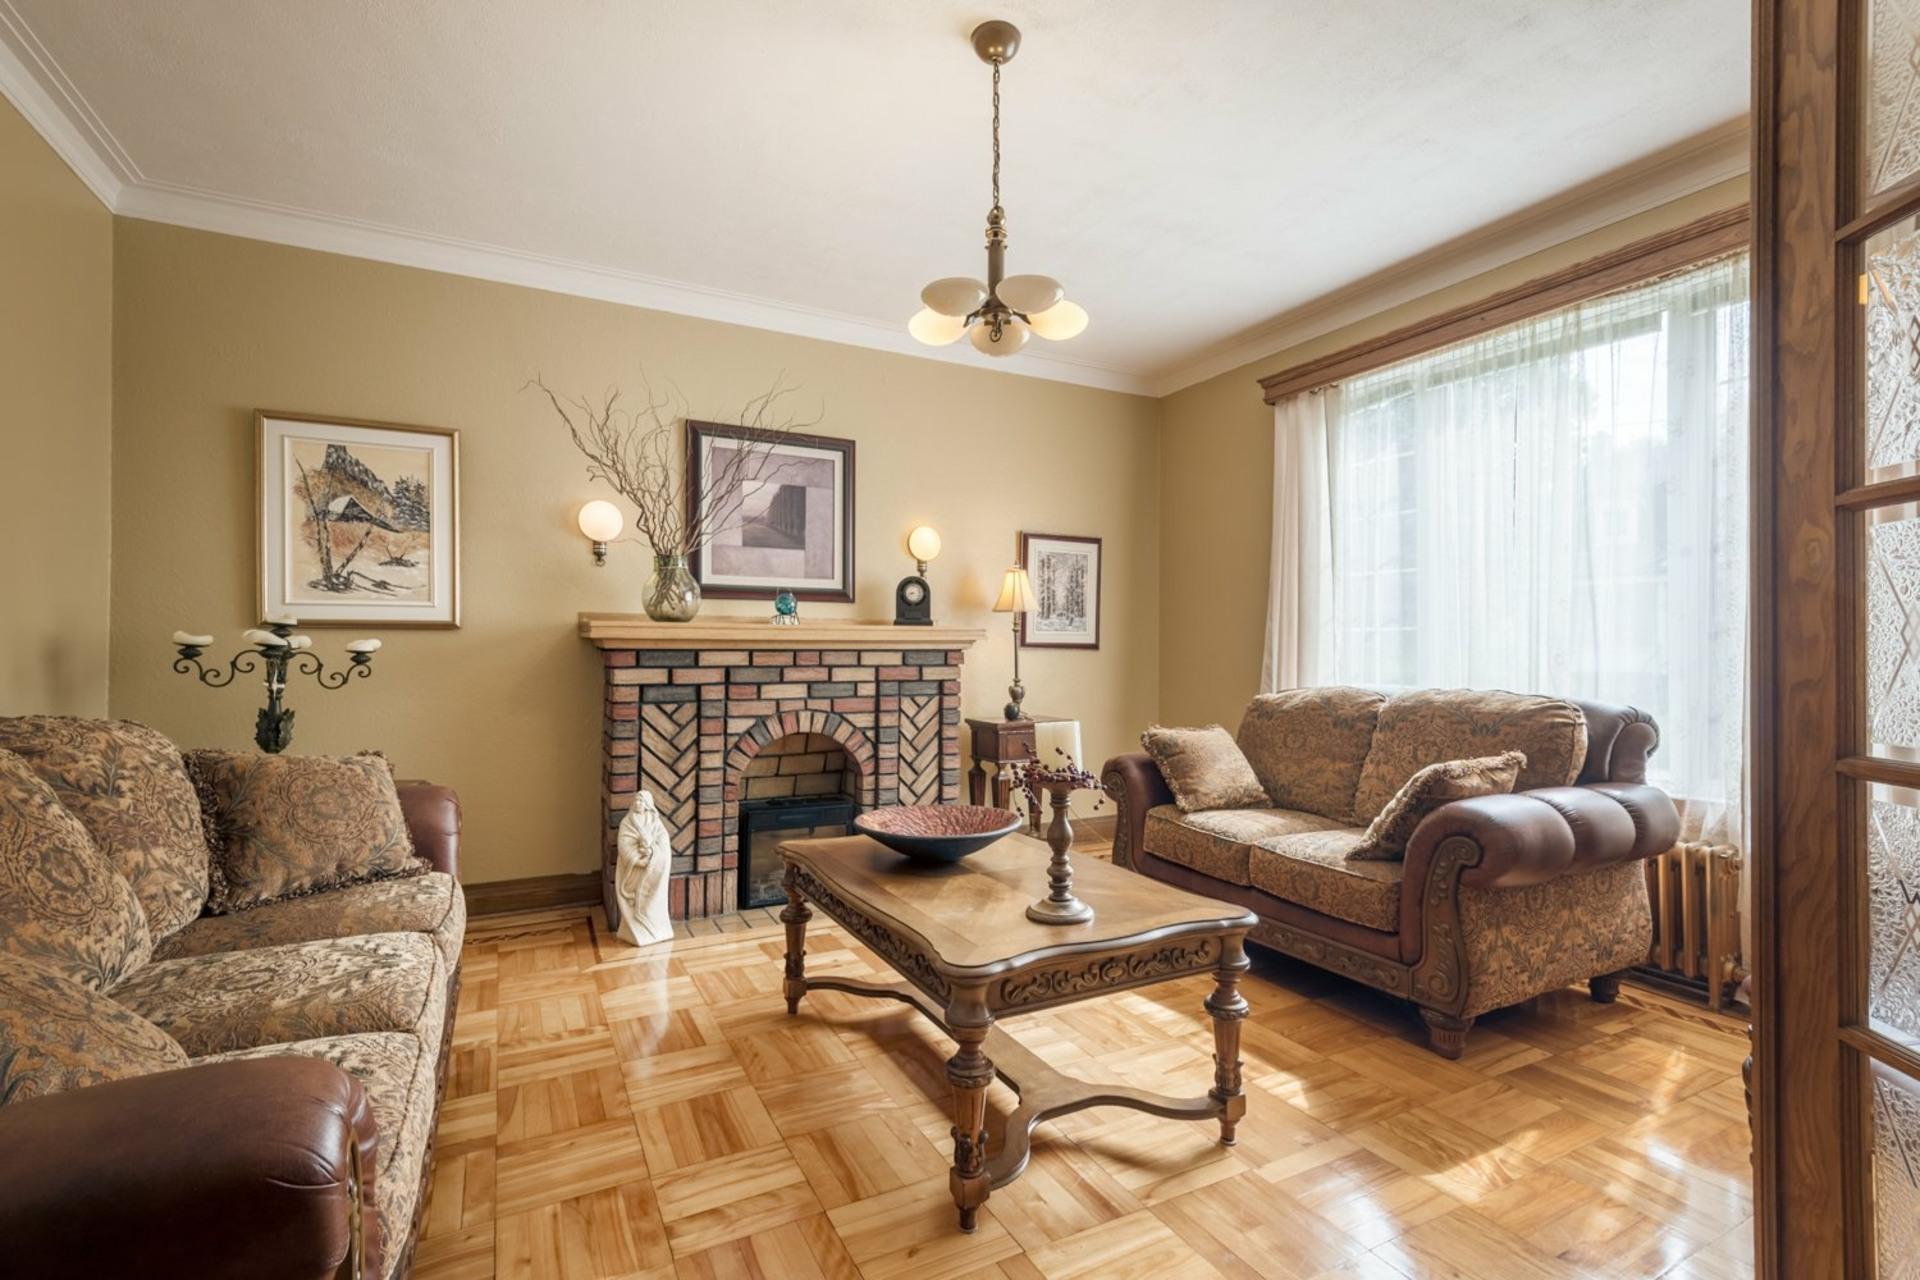 image 2 - Duplex For sale Sainte-Anne-de-Bellevue - 6 rooms